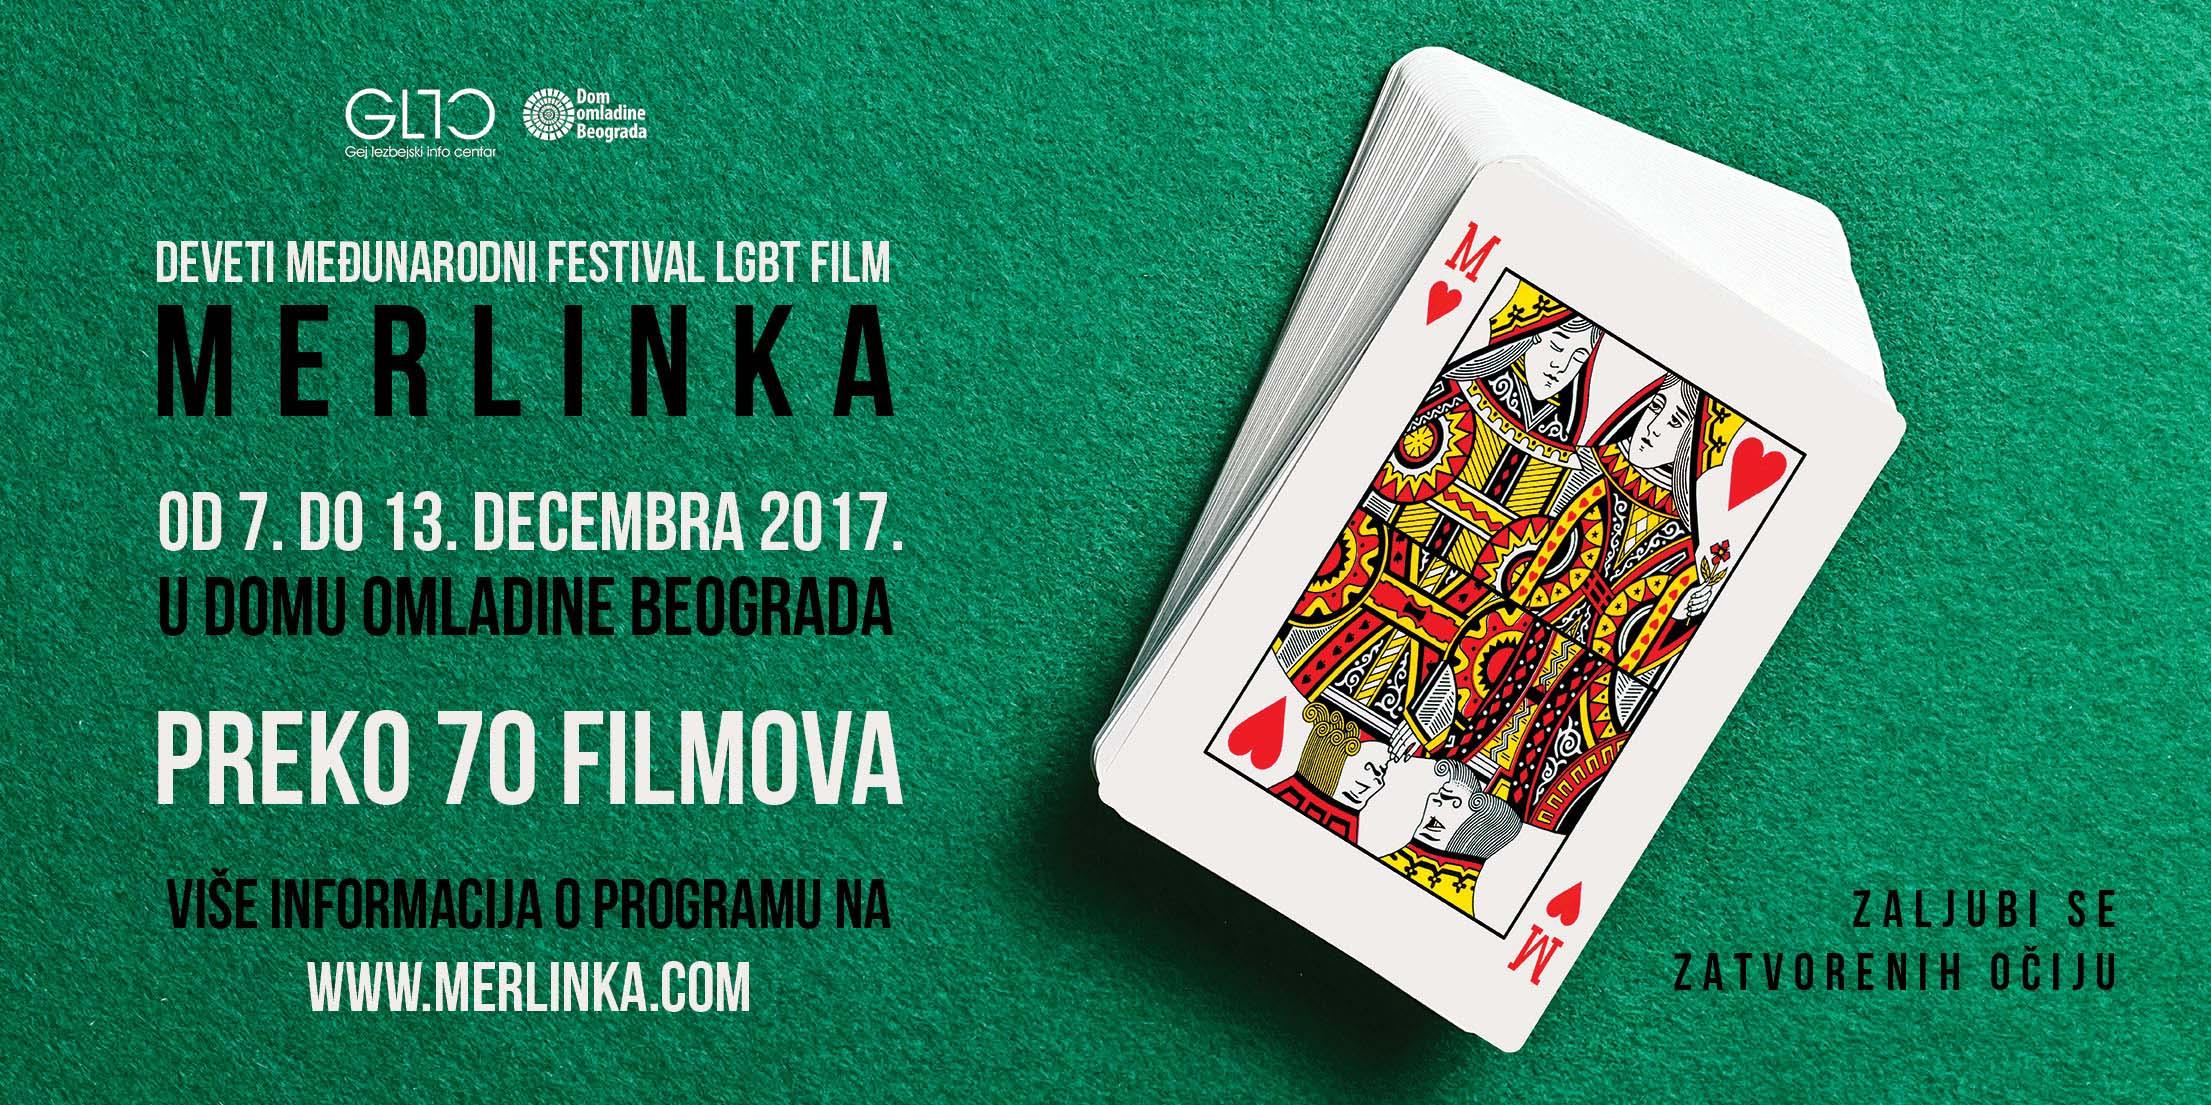 Merlinka festival 2017